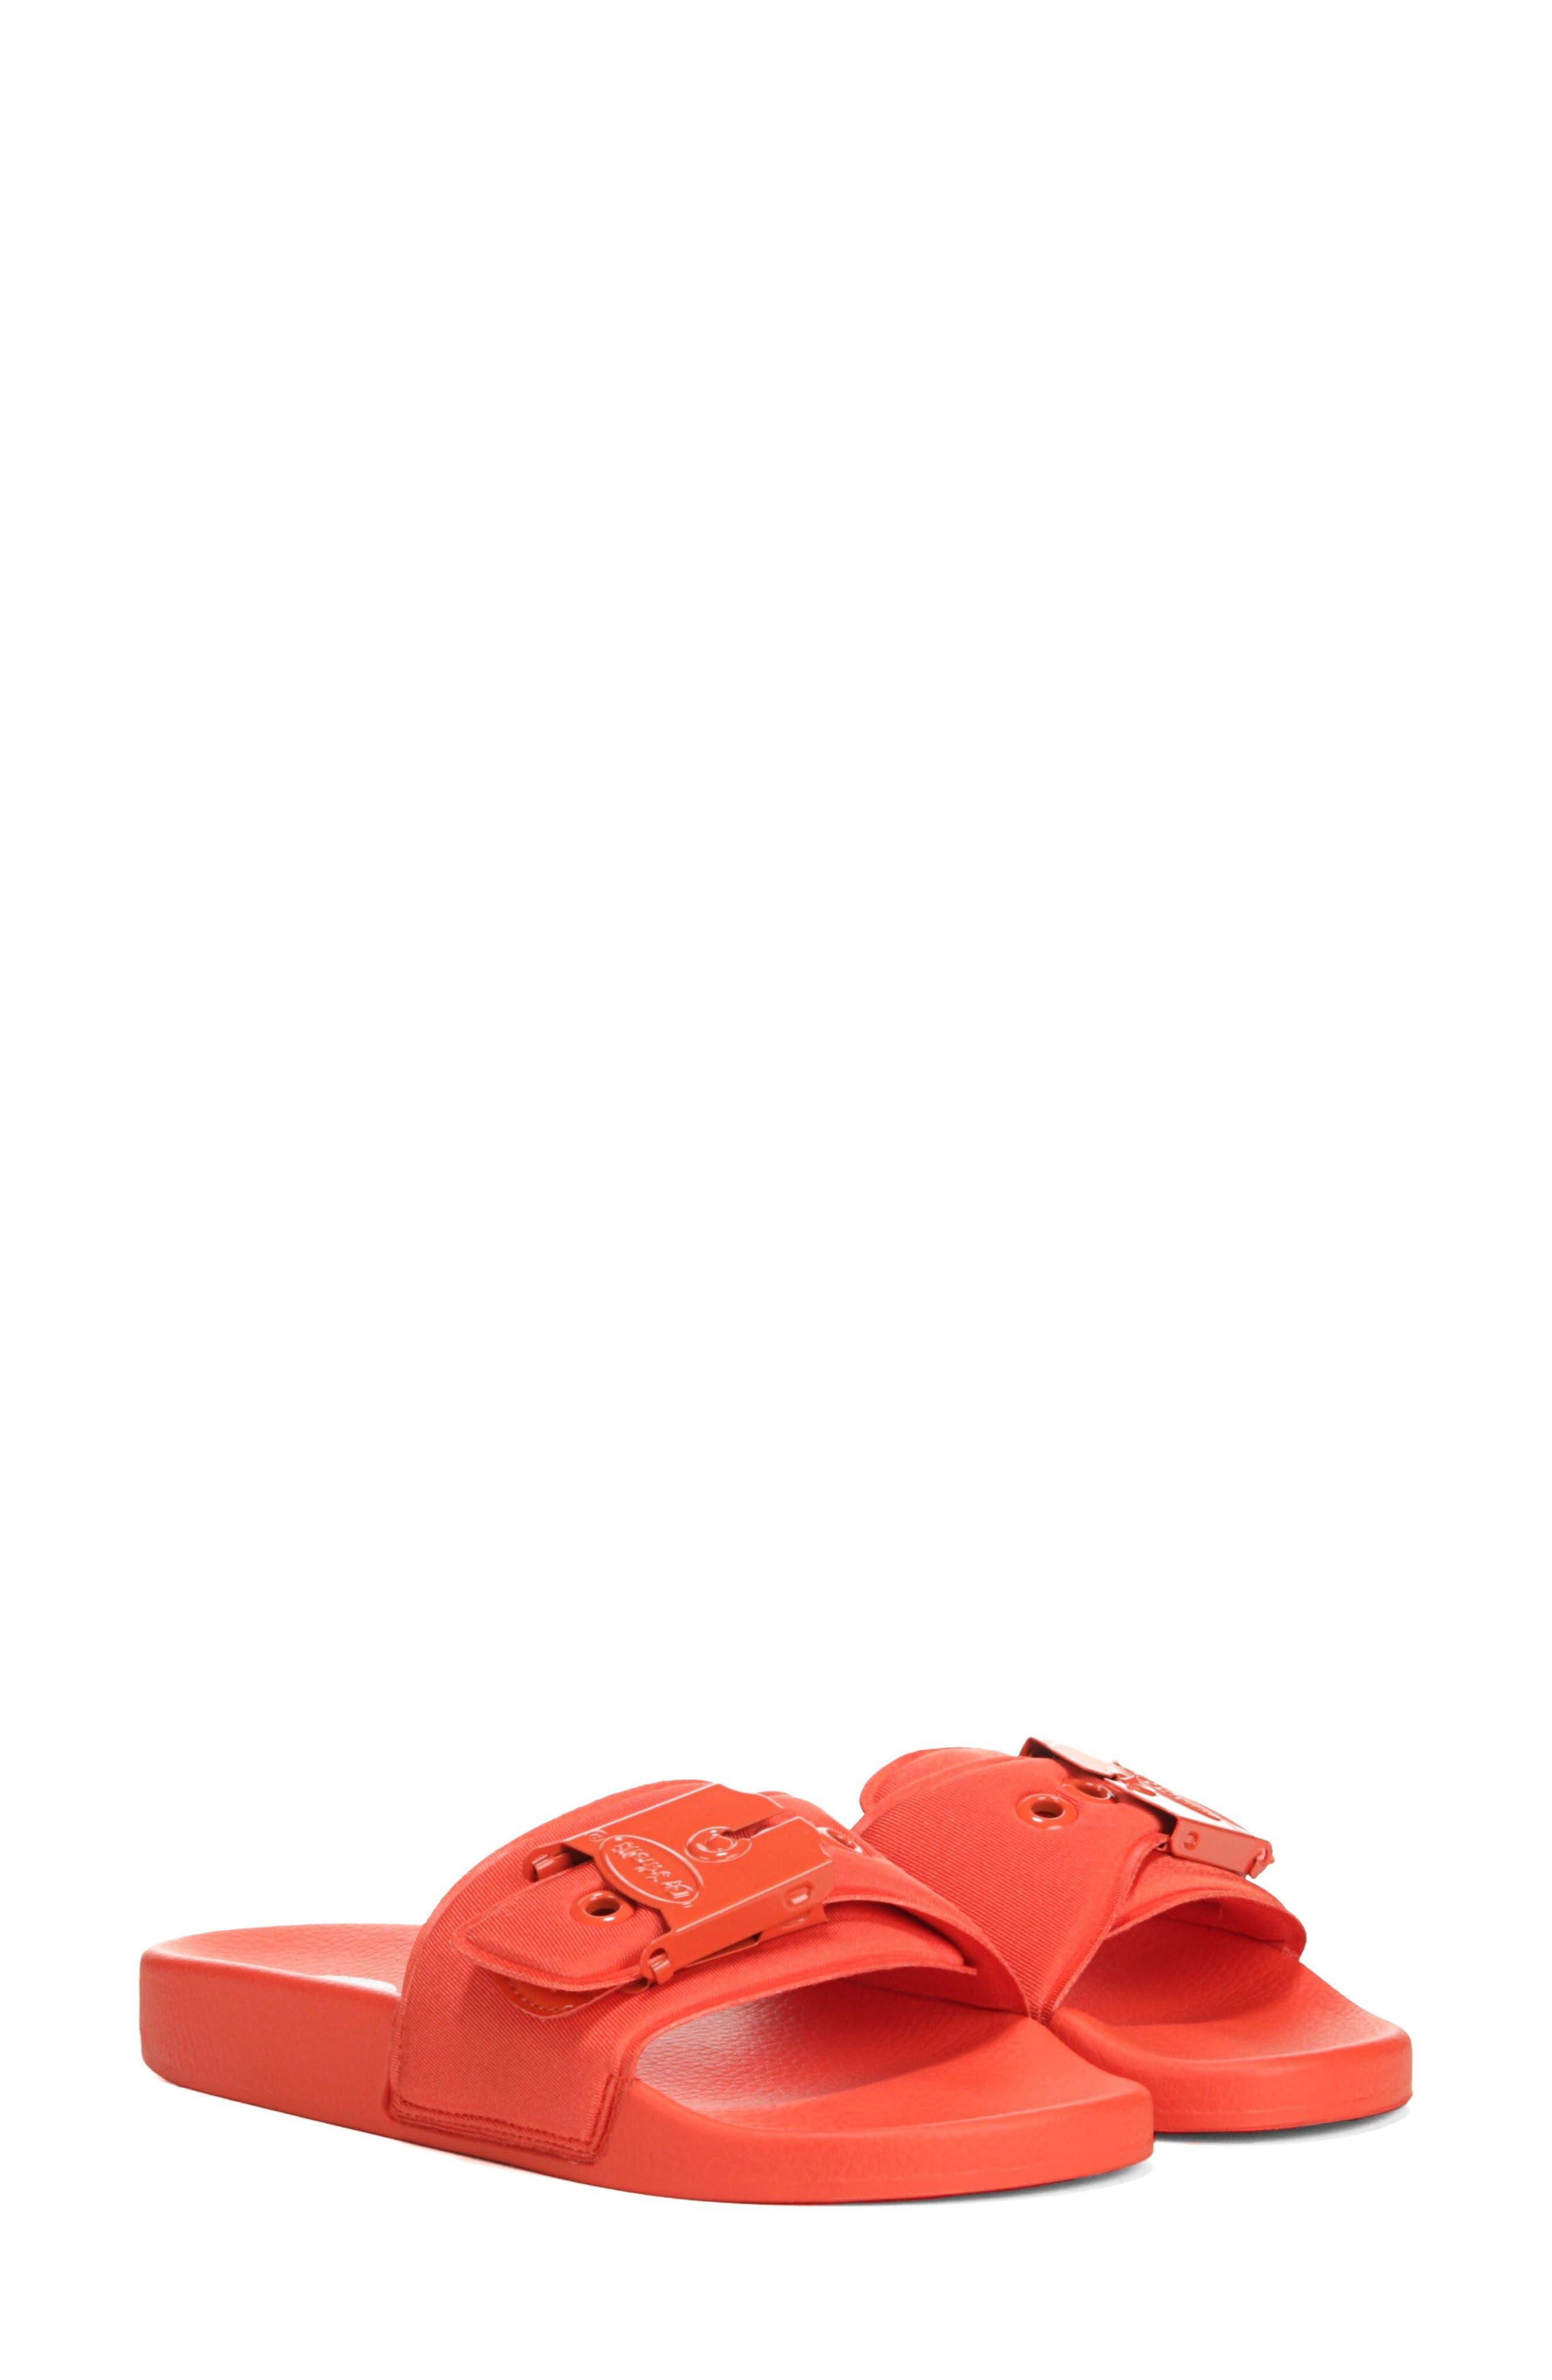 Original Pool Slide Sandal,                         Main,                         color, TIGER LILY